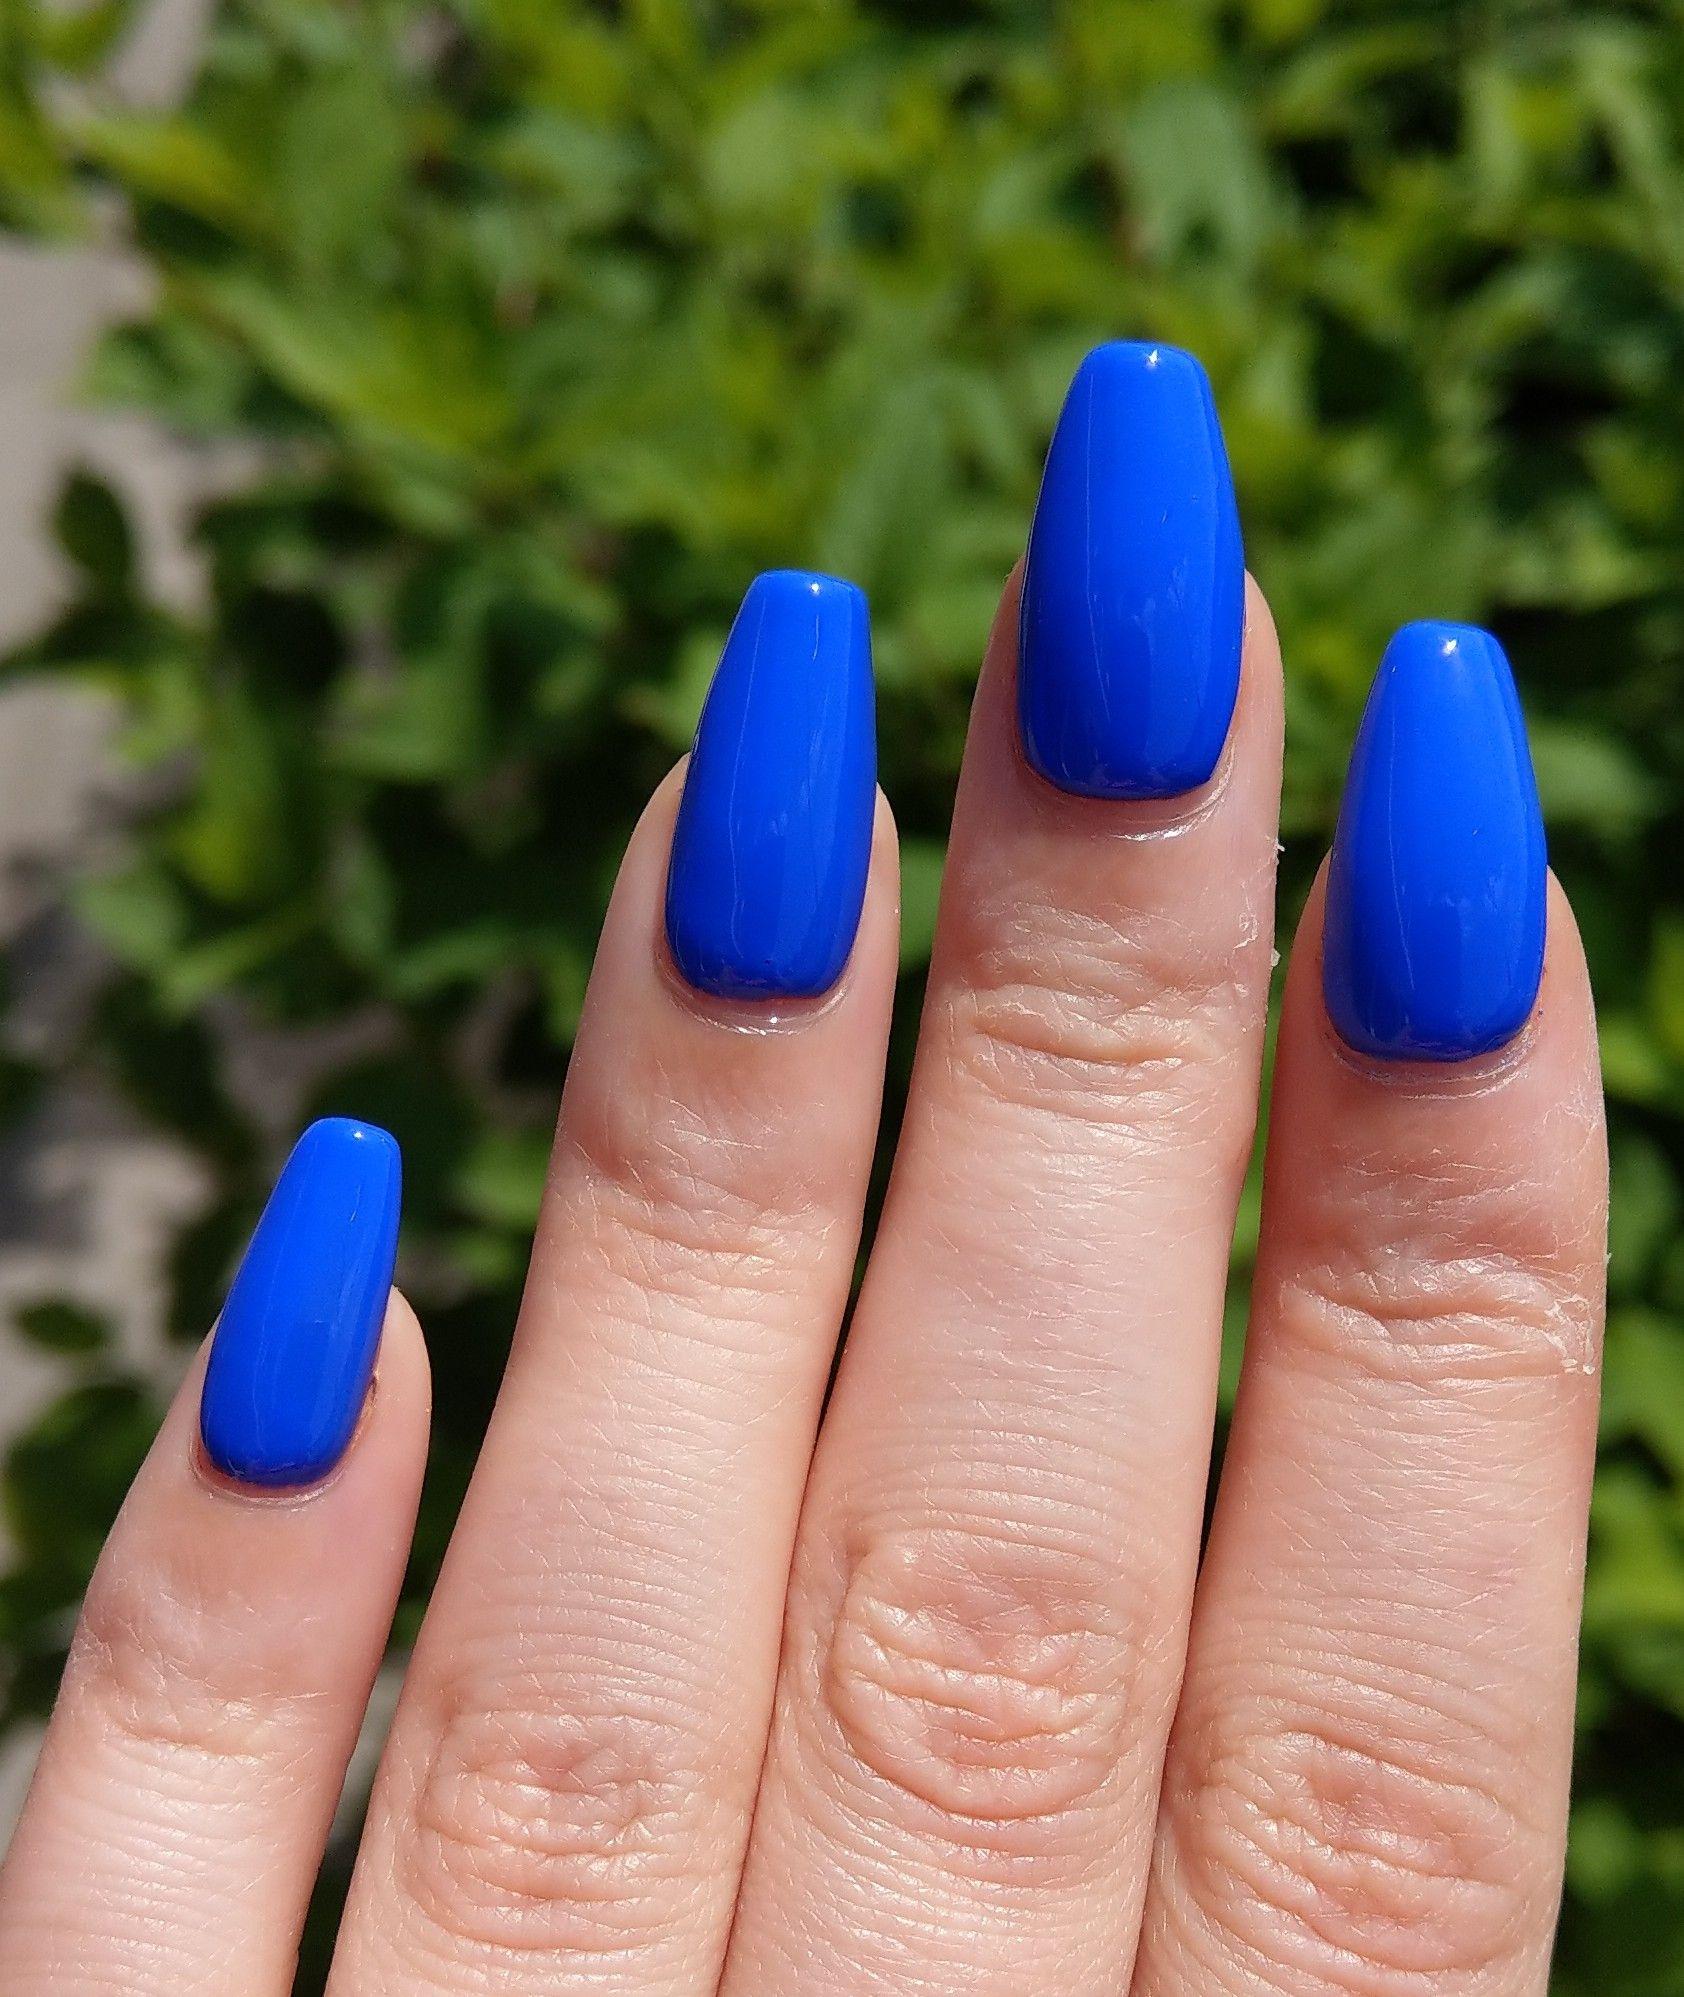 Maylandia. Vegan & cruelty free UK handmade indie nail